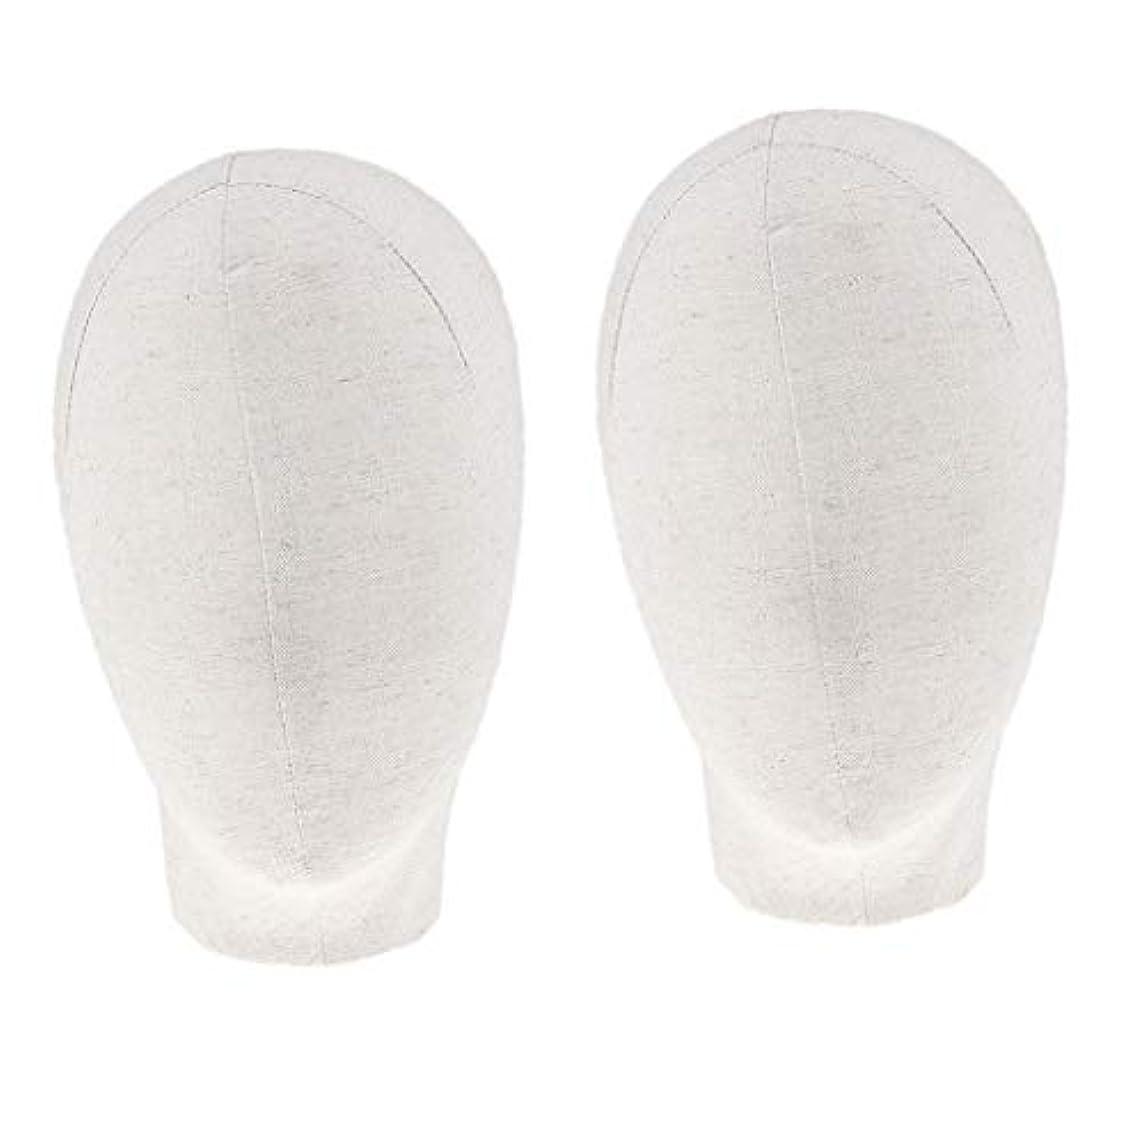 湿度喪意味するDYNWAVE マネキンヘッド キャンバスブロック 21インチ かつら 帽子 メガネ ディスプレイ ホルダー